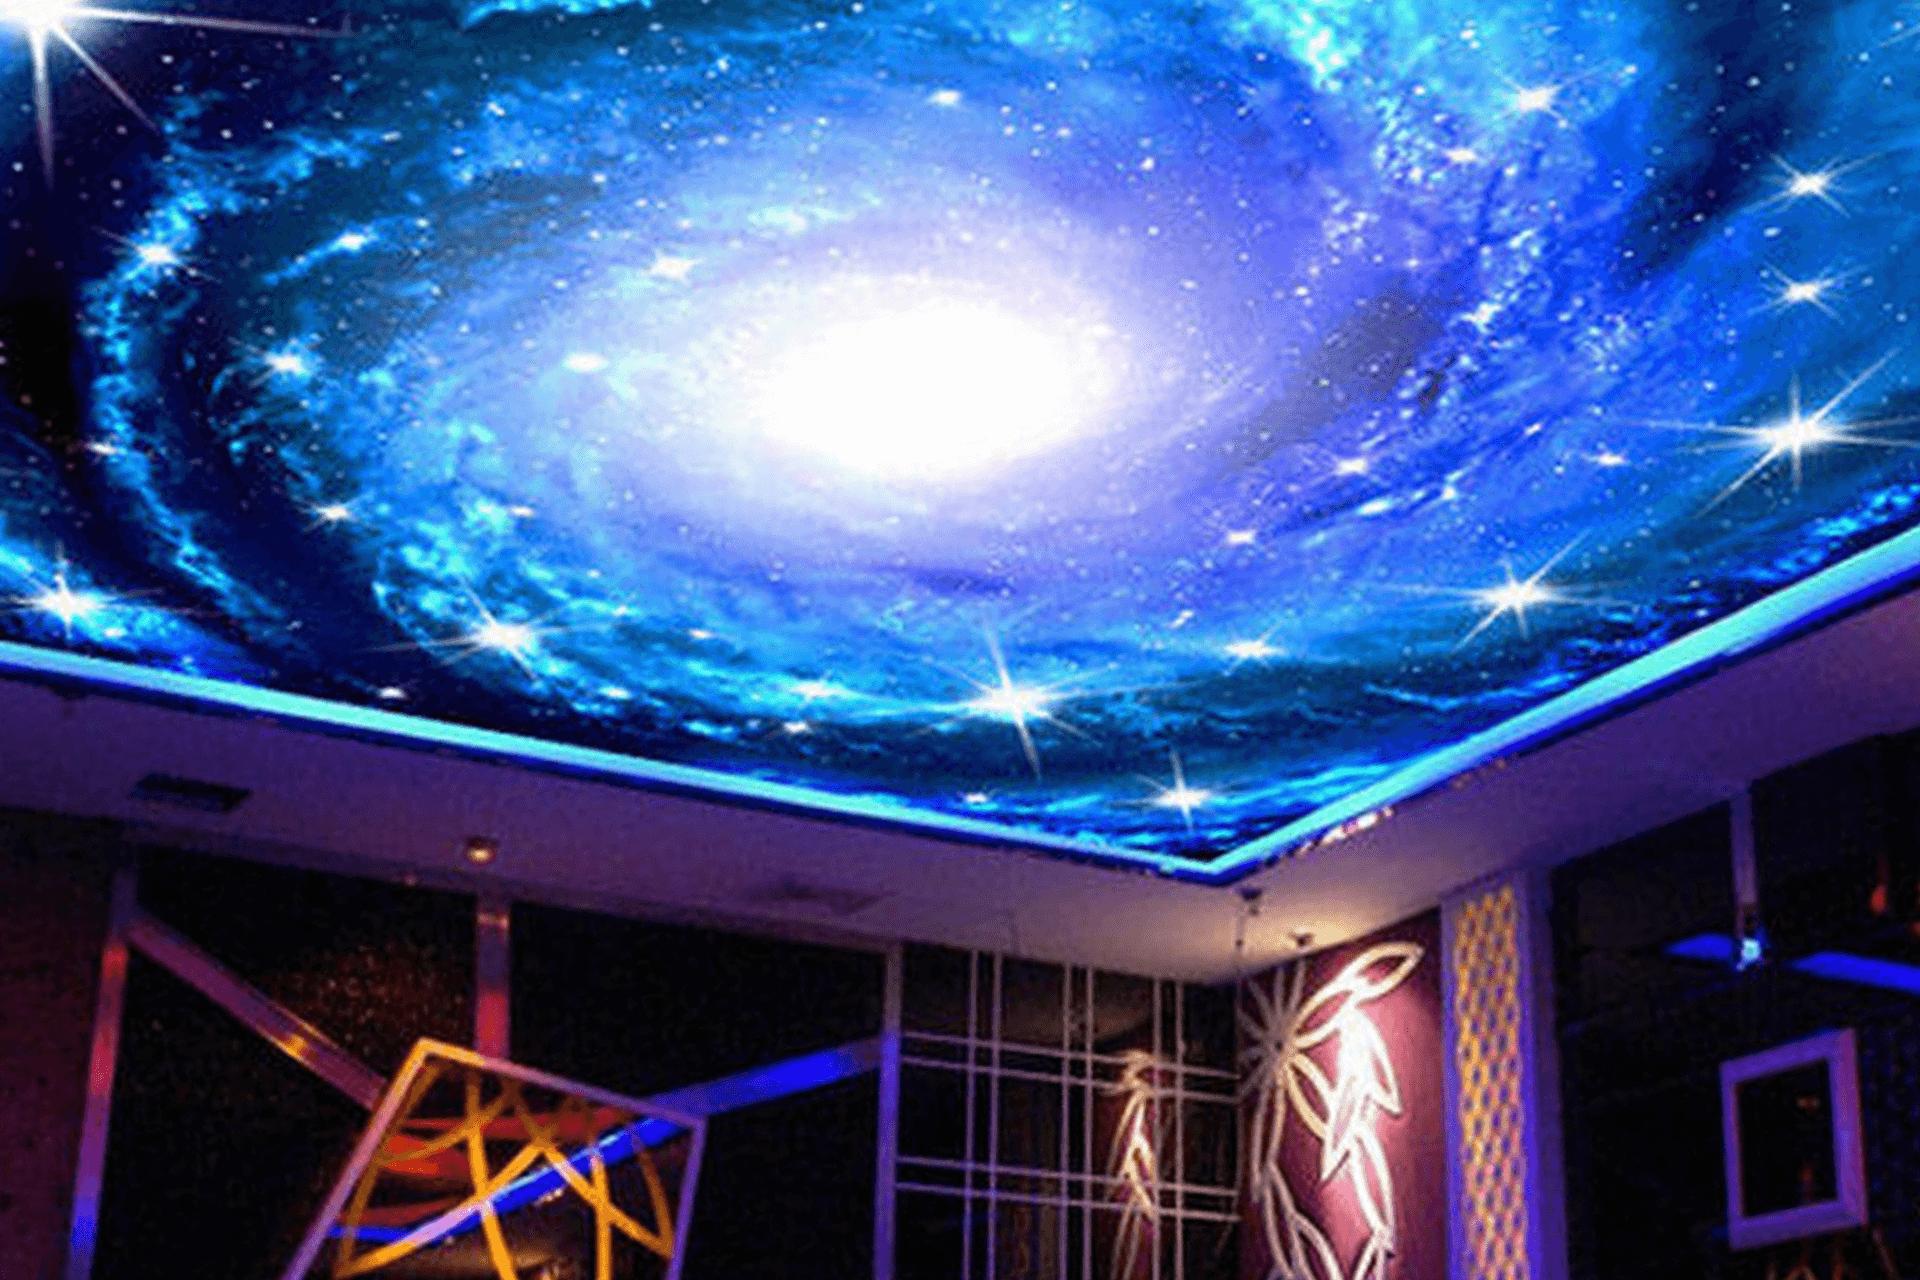 Натяжной потолок звёздное небо в ресторане - вихрь